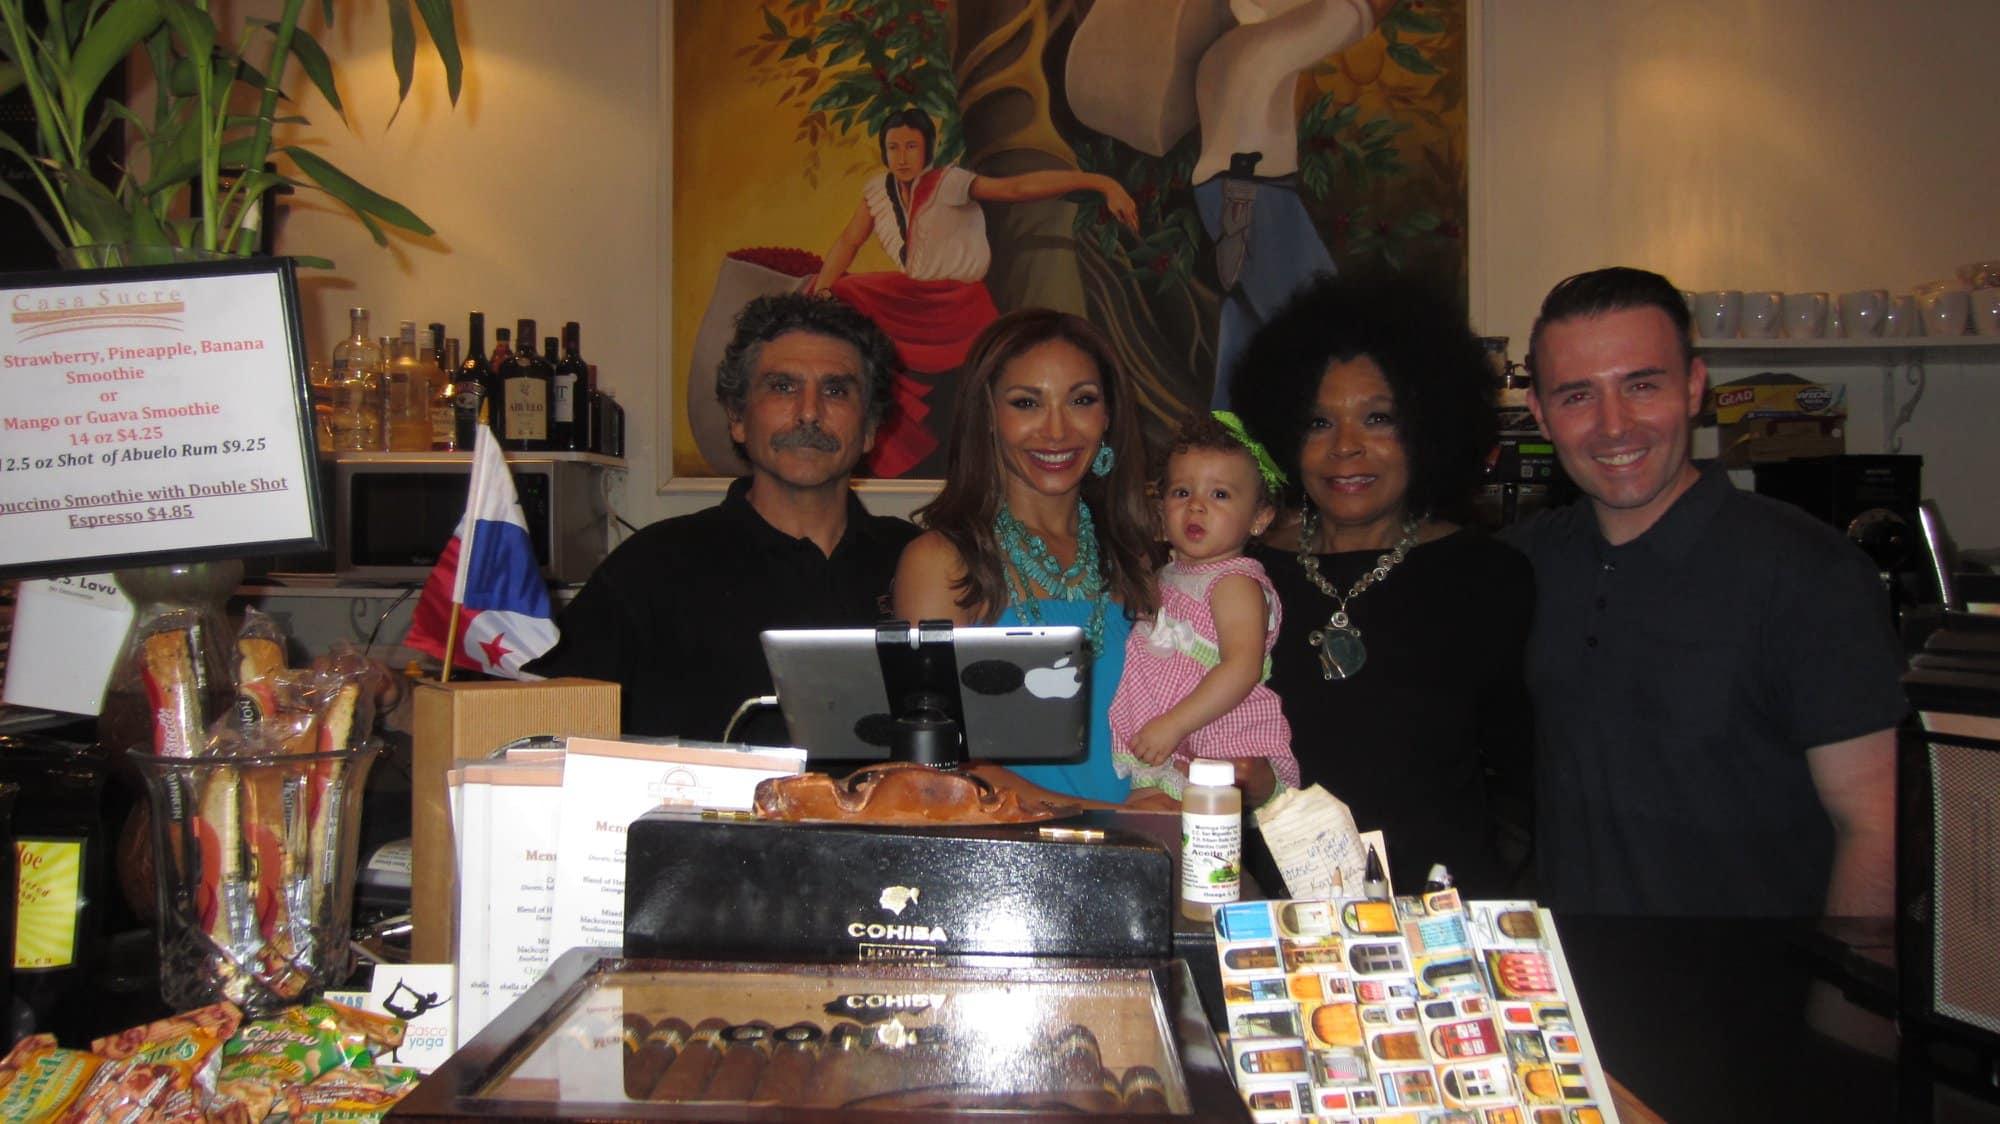 La familia Sherman lo recibirá en Casa Sucre Boutique Hotel y Coffeehouse